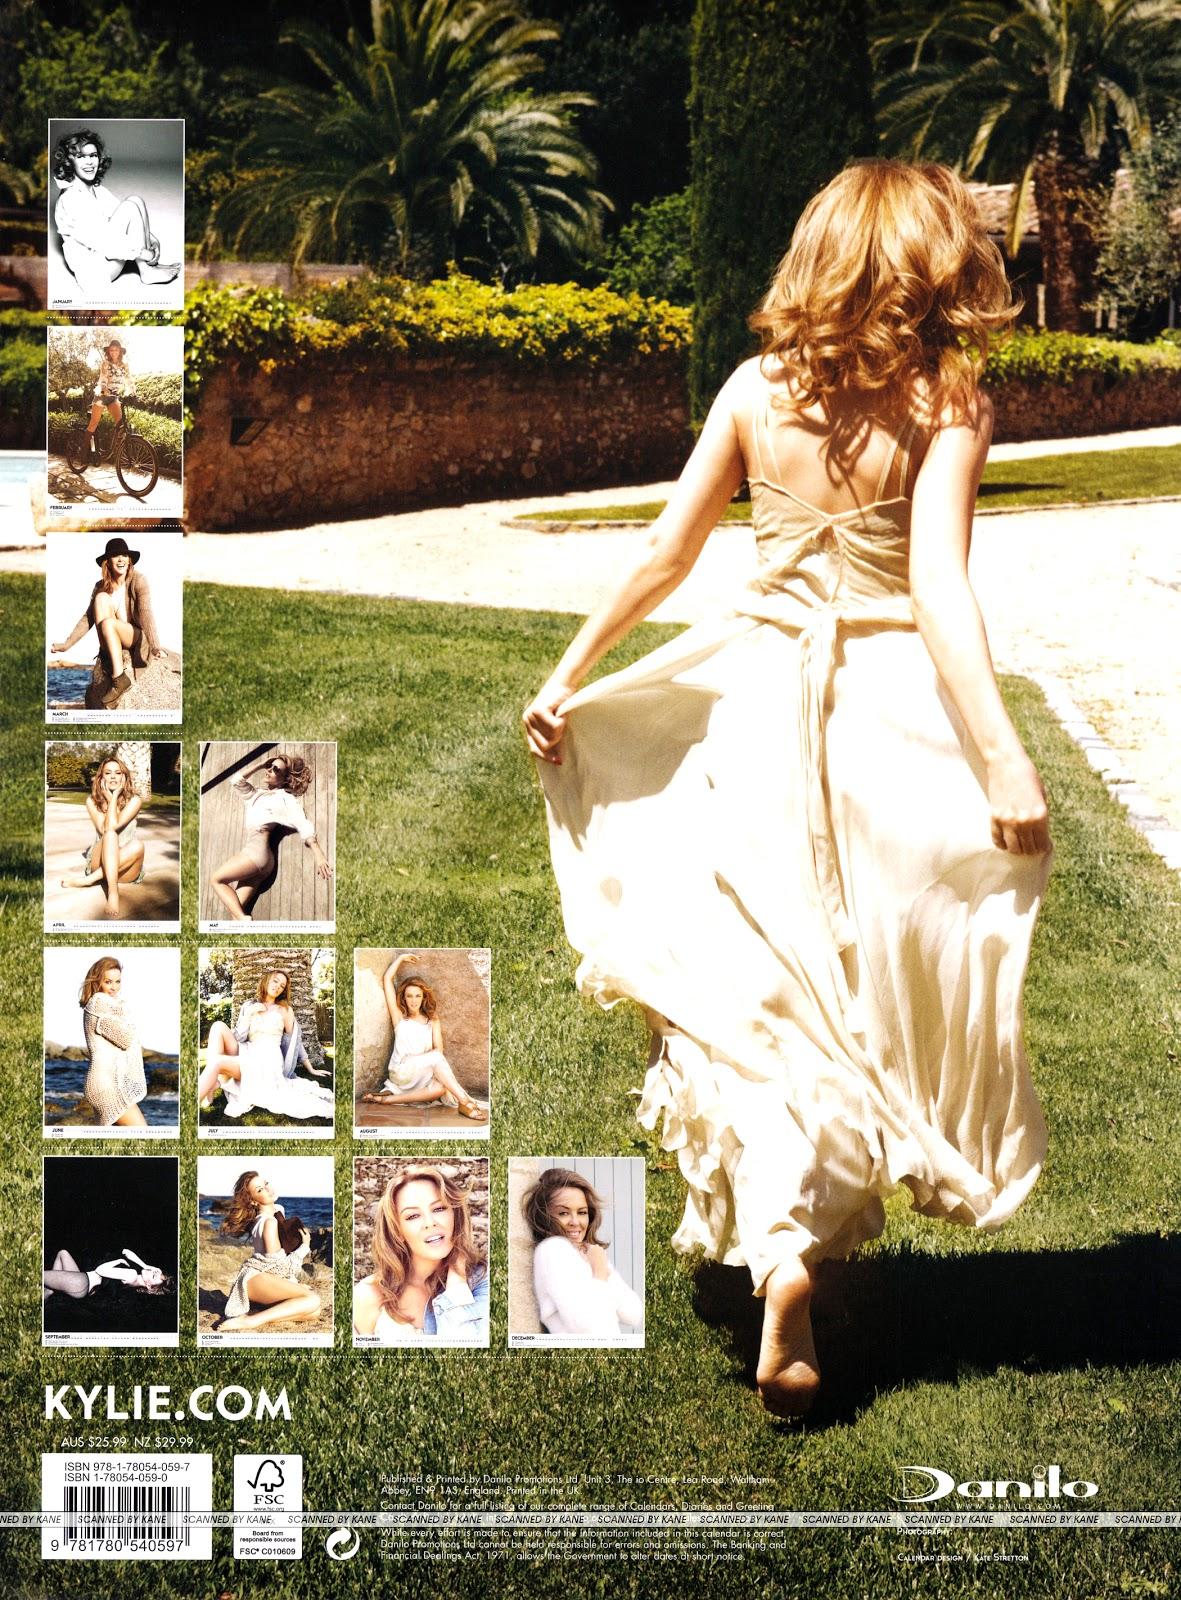 http://1.bp.blogspot.com/-na36rLXTdZY/UHwCshFsr_I/AAAAAAAATUQ/hS1_RosQQJo/s1600/Kylie+Minogue+-+Official+2013+Calendar+-14.jpg